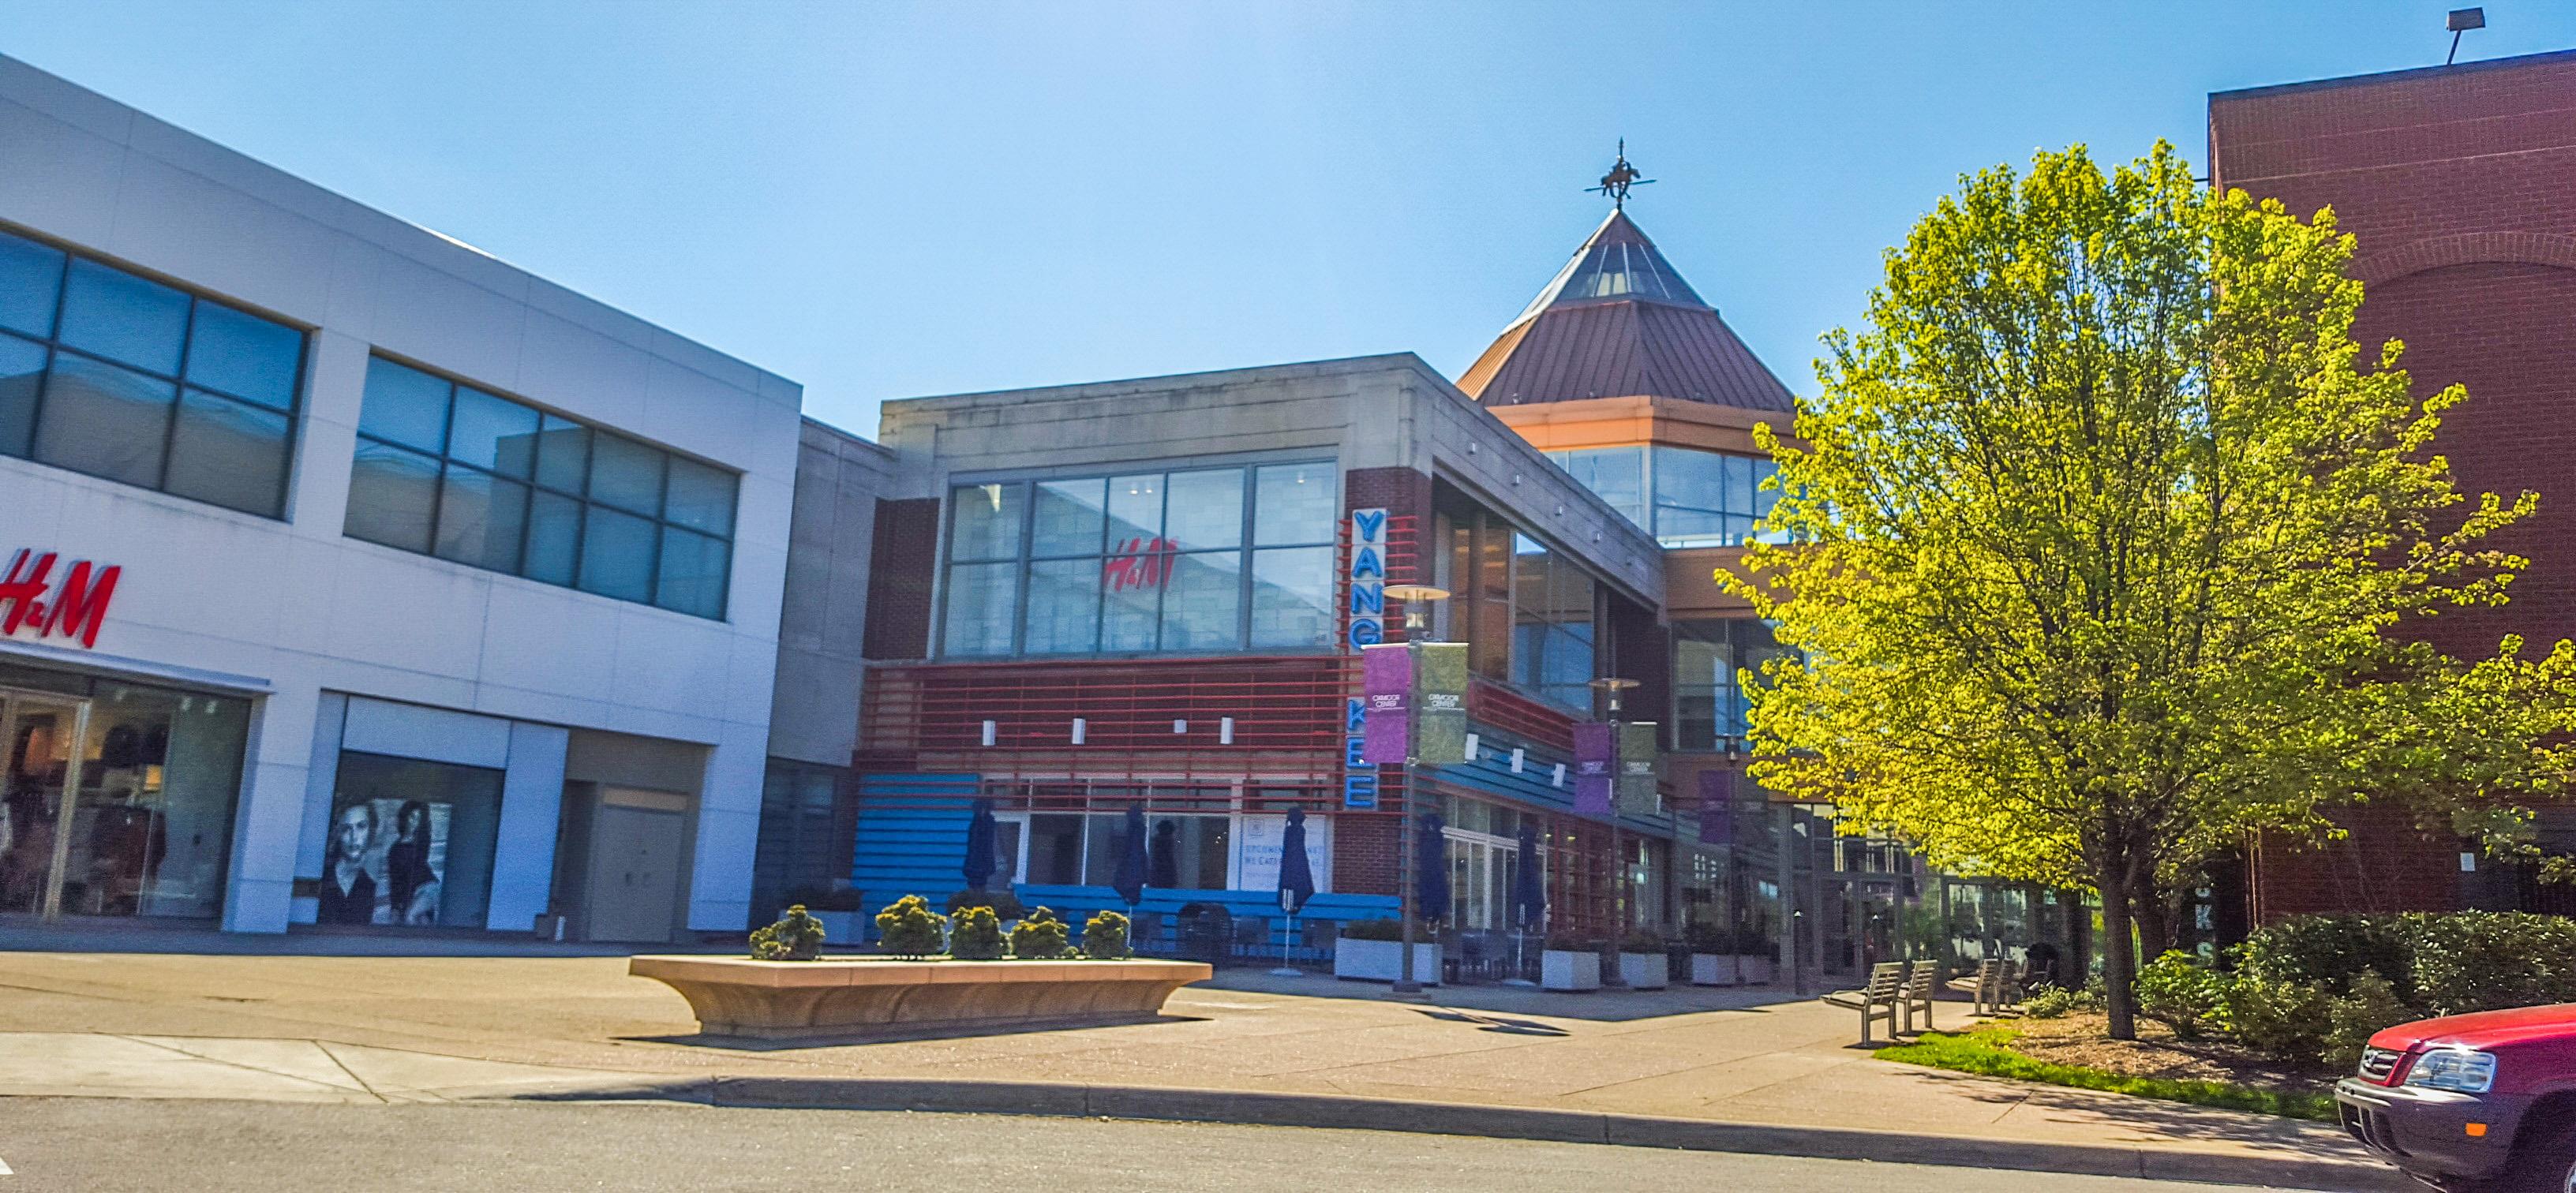 Oxmoor Center - Wikipedia